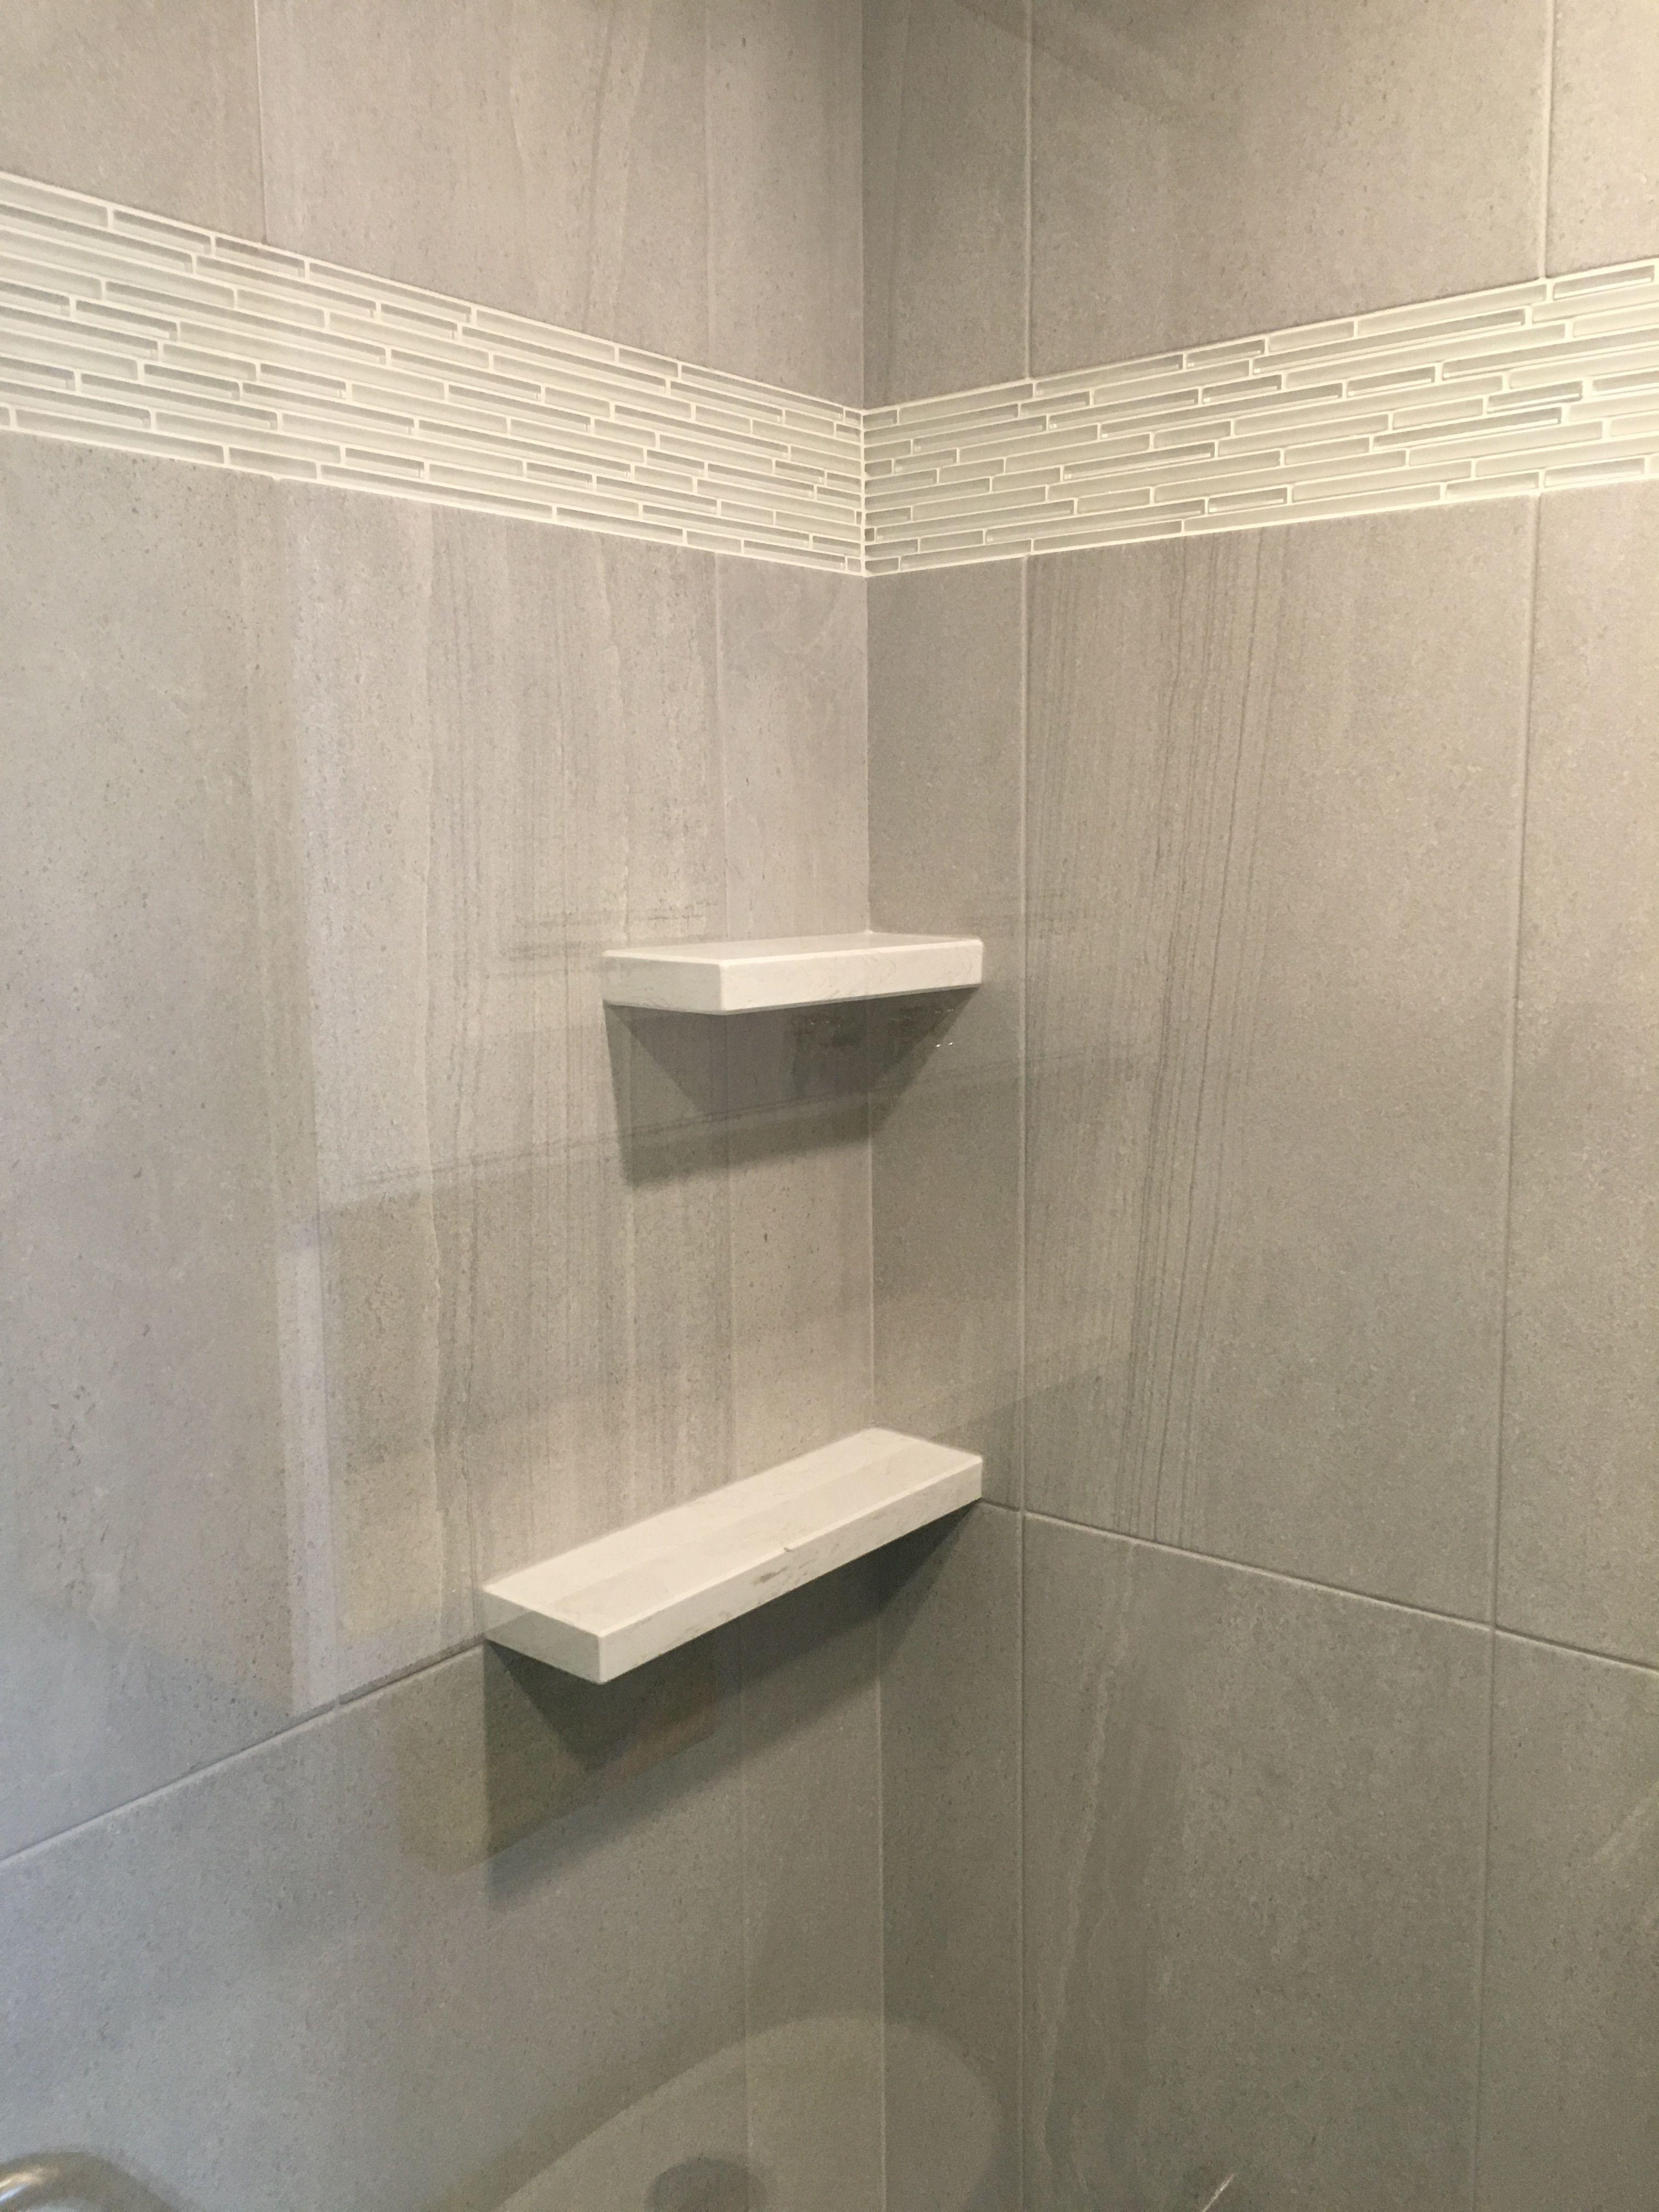 Quartz Shower Shelves Shower Shelves Bathroom Design Decor